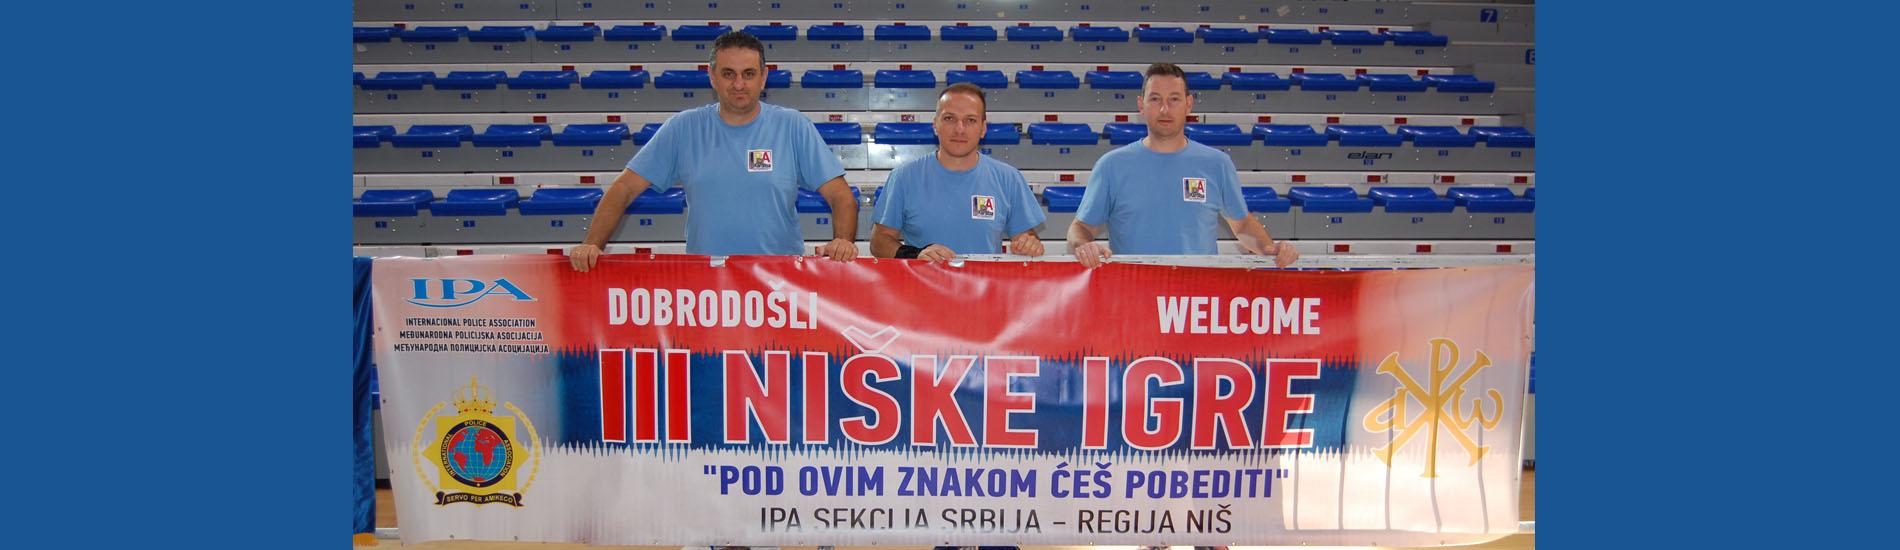 Η IPA Καρδίτσας συμμετείχε στα Niške Igre III